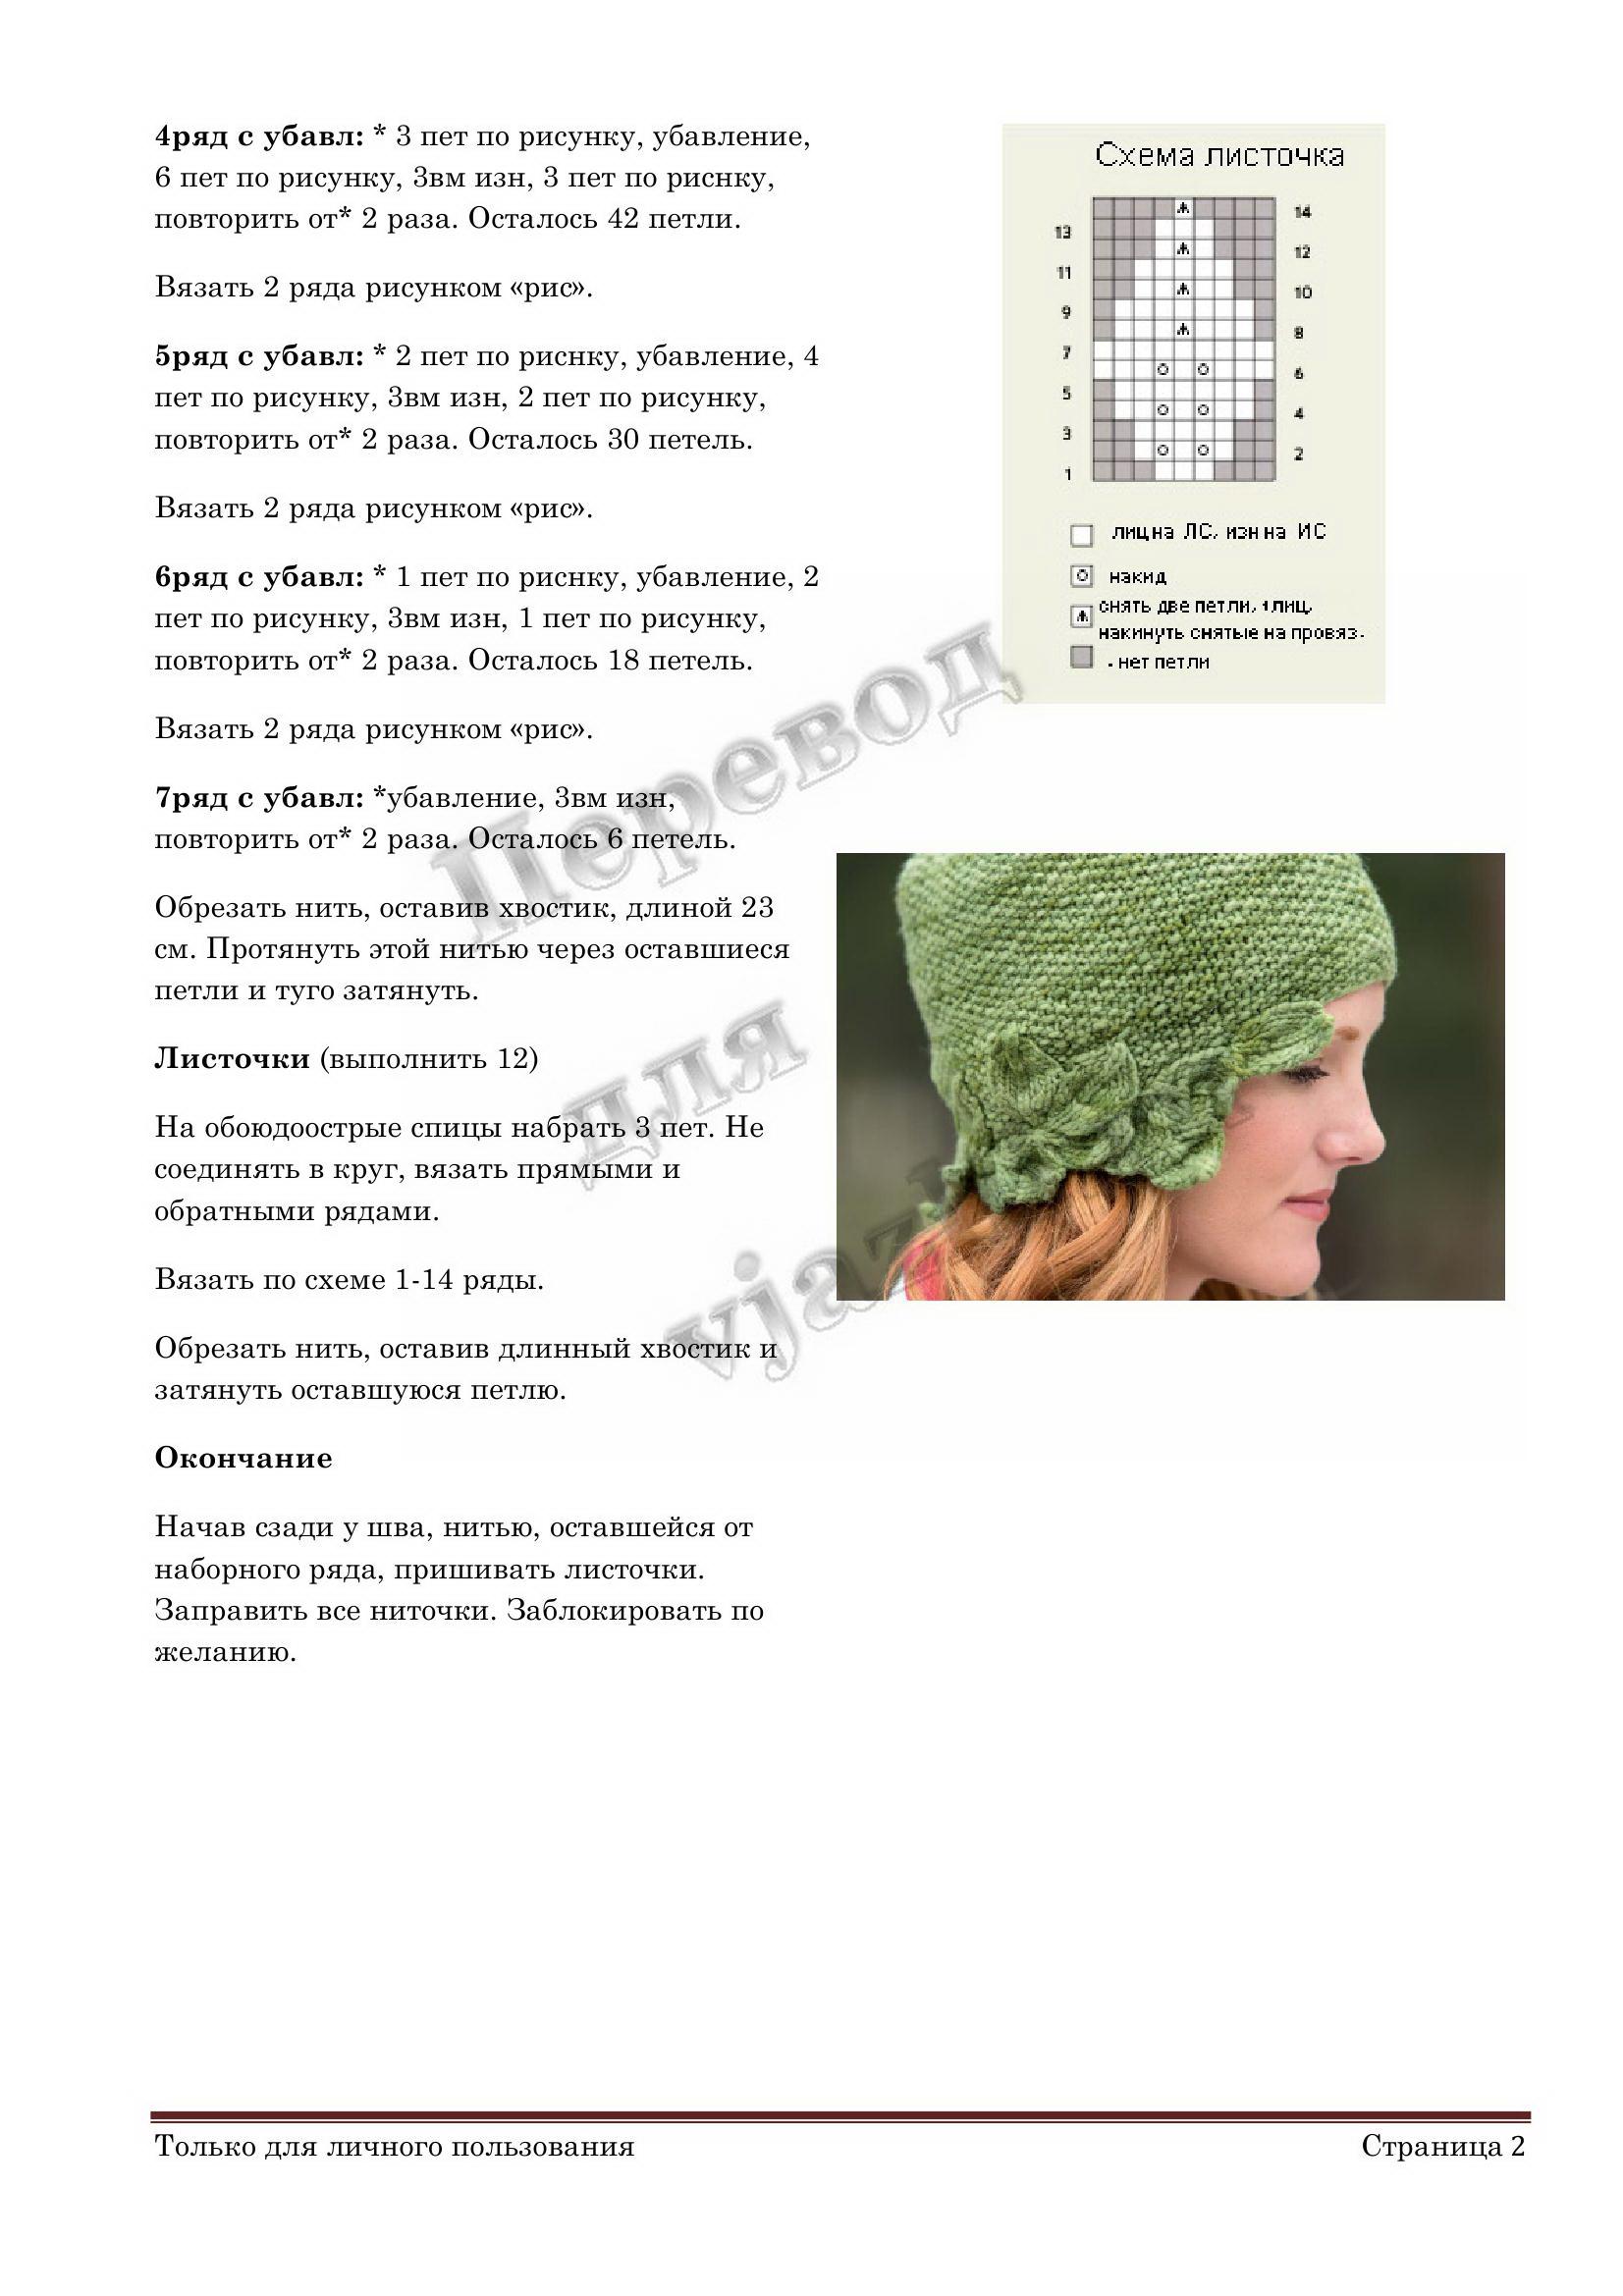 http://s2.uploads.ru/sw68v.jpg